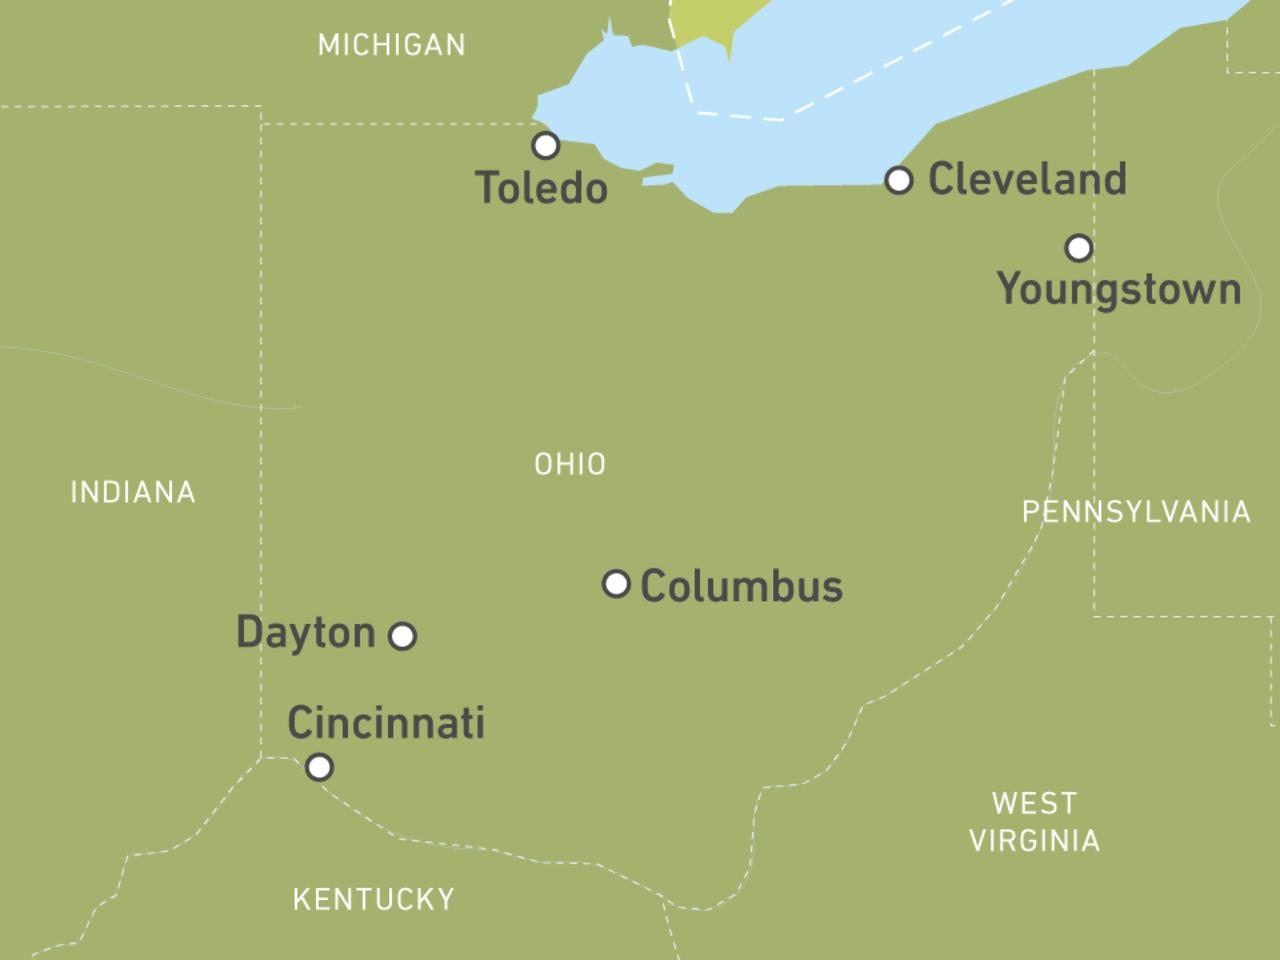 Ohio-Reisen: Individuelle Rundreisen durch die USA | CA on